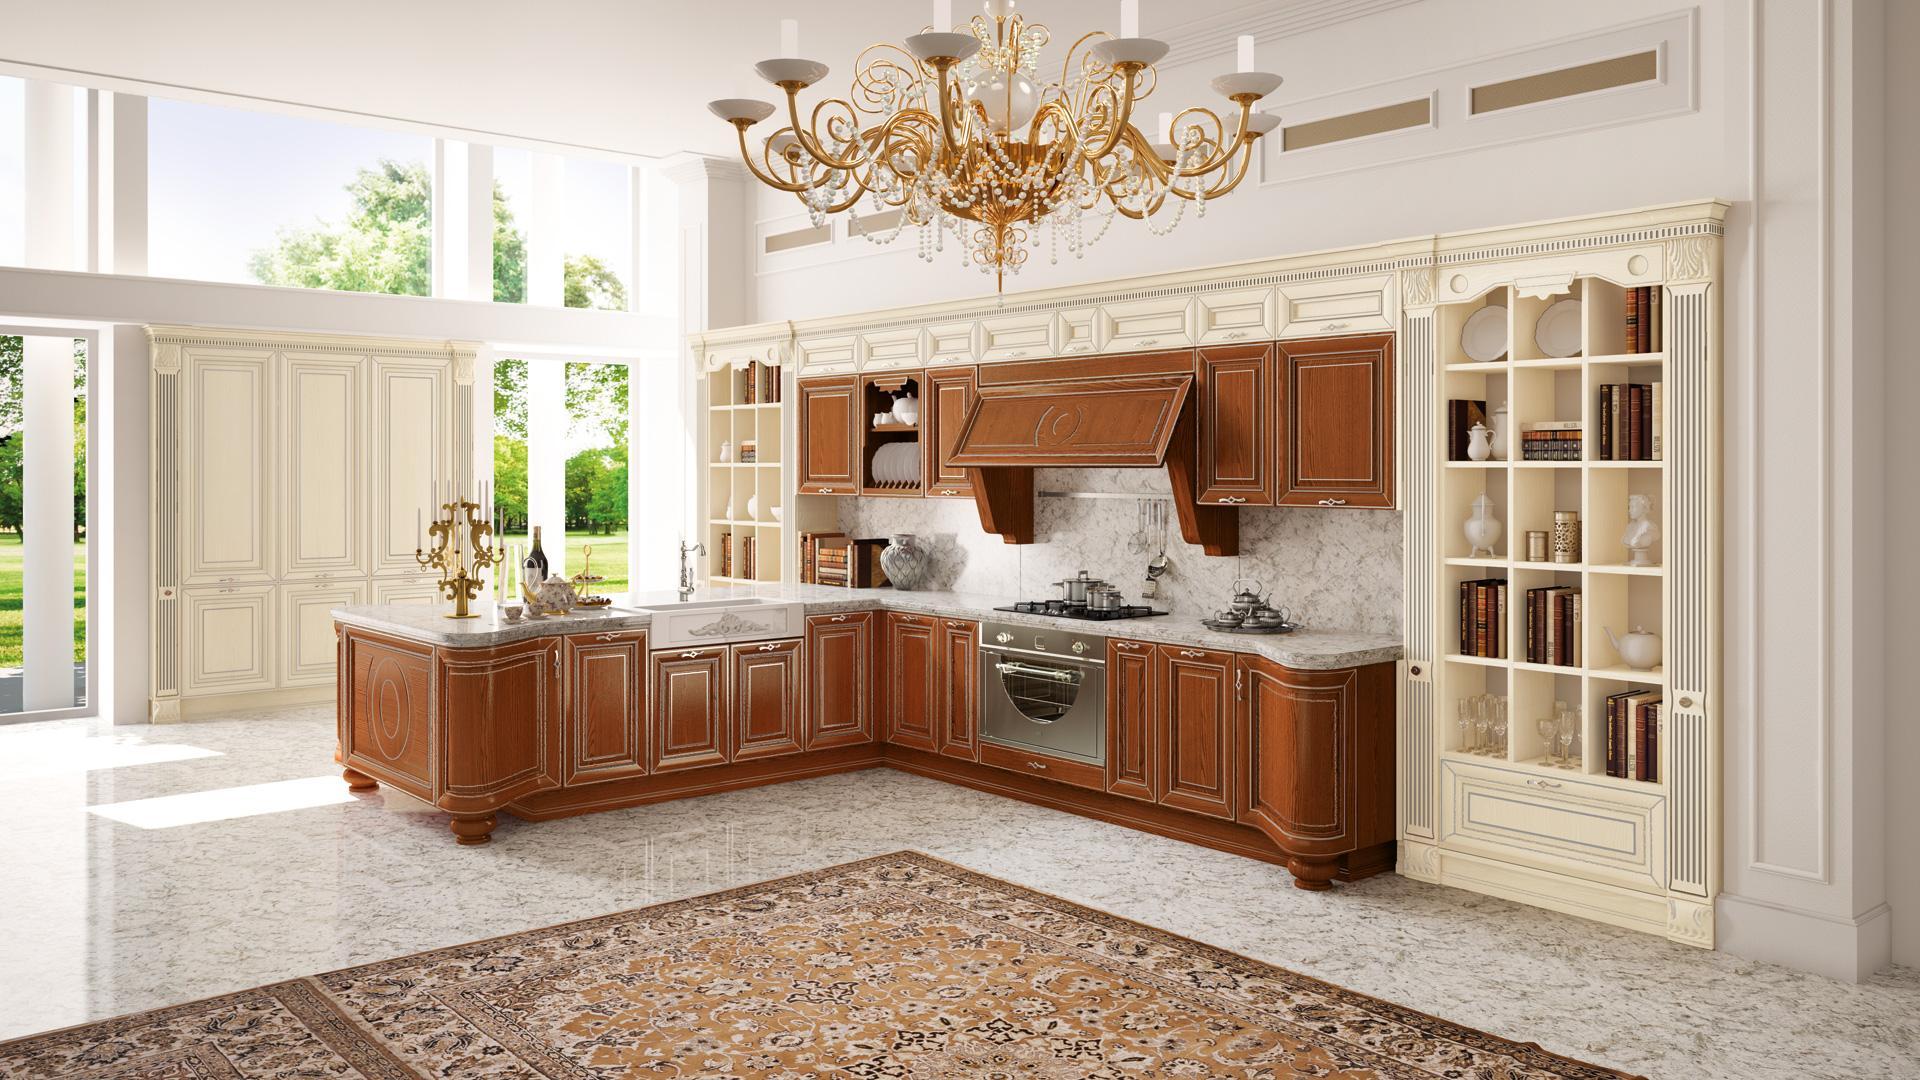 Rizzo arreda lube arredamenti paderno dugnano cucine - Progetto bagno paderno ...